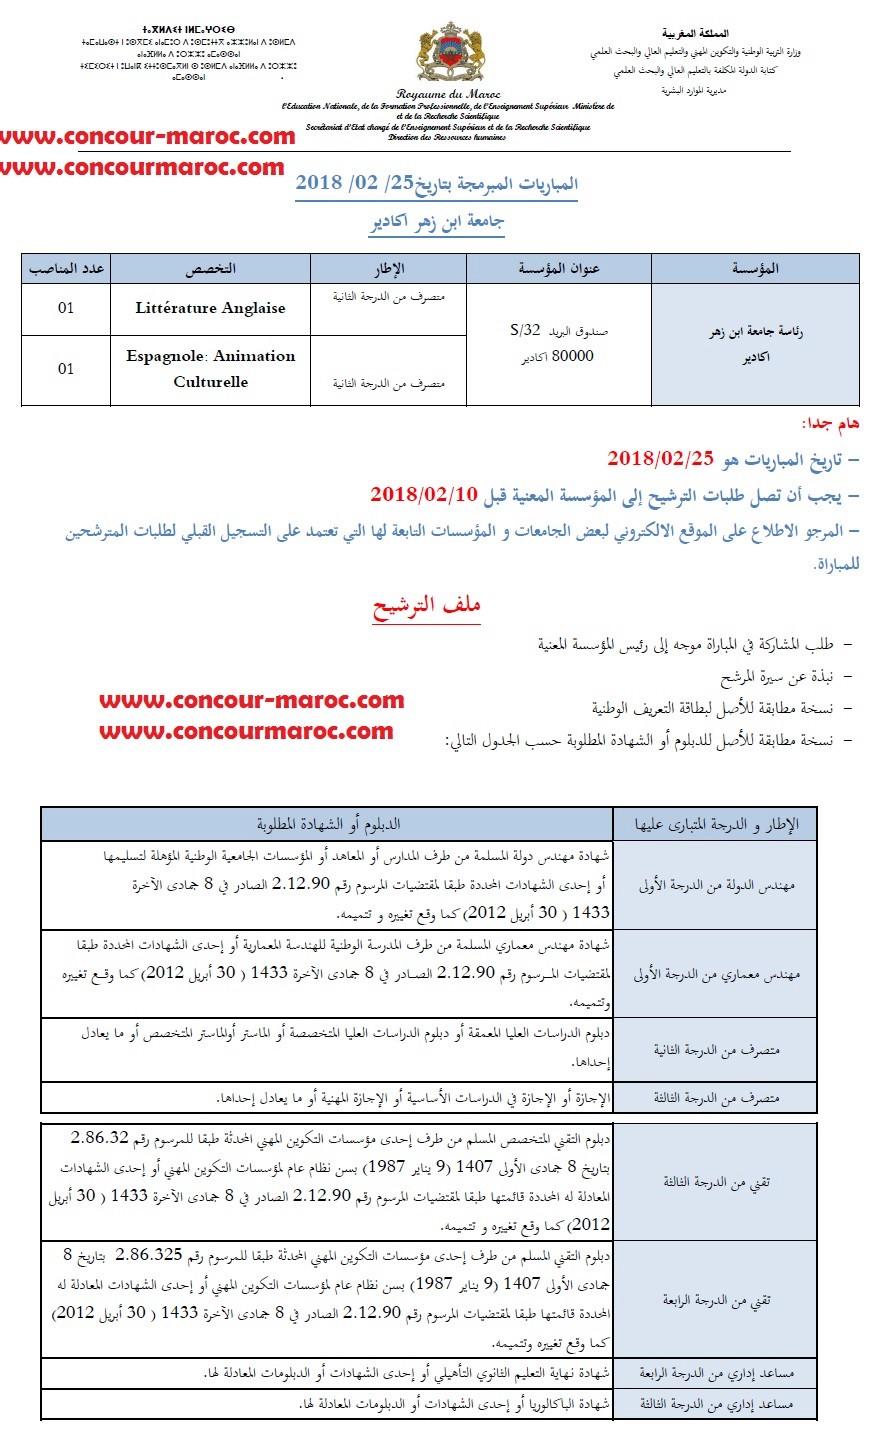 جامعة ابن زهر - أكادير : مباريات توظيف 02 متصرف من الدرجة الثانية آخر أجل 10 فبراير 2018  Ooa_oo10